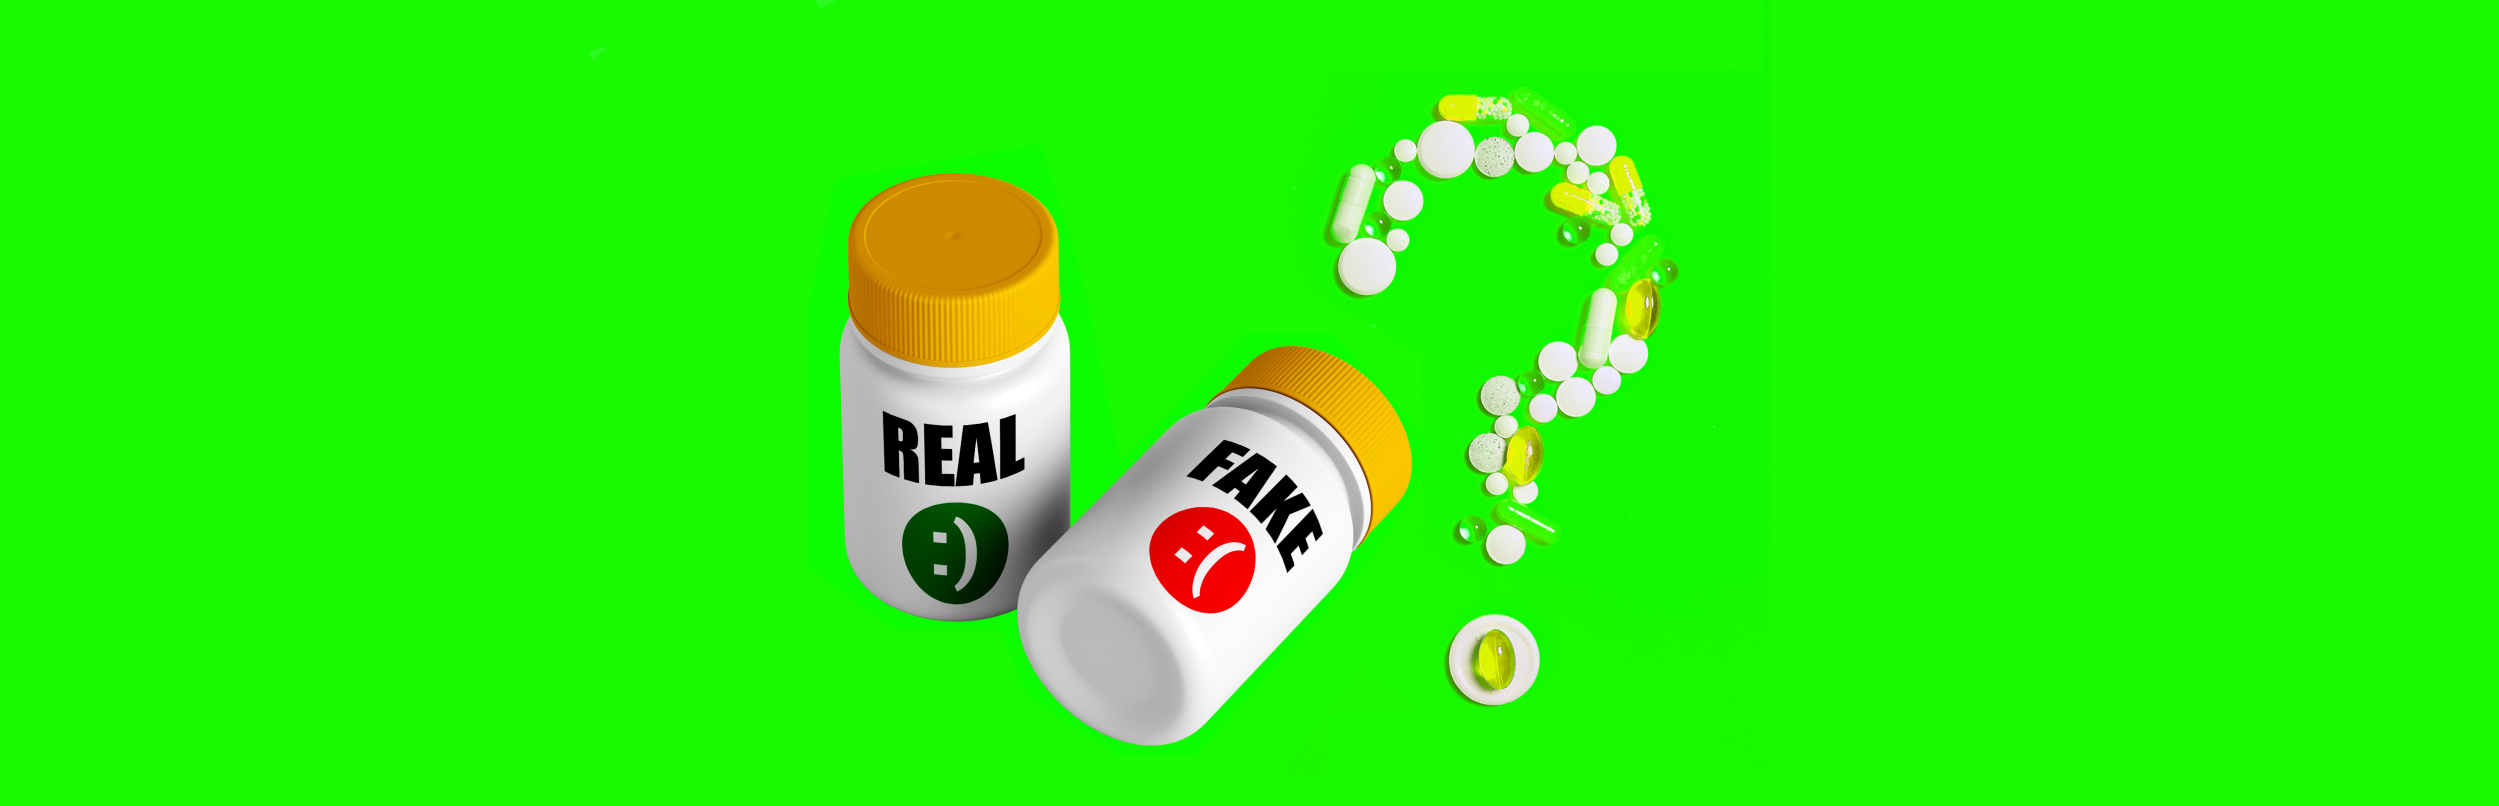 Tackling Drug Counterfeiting — Barcodes vs. RFID vs. Blockchain